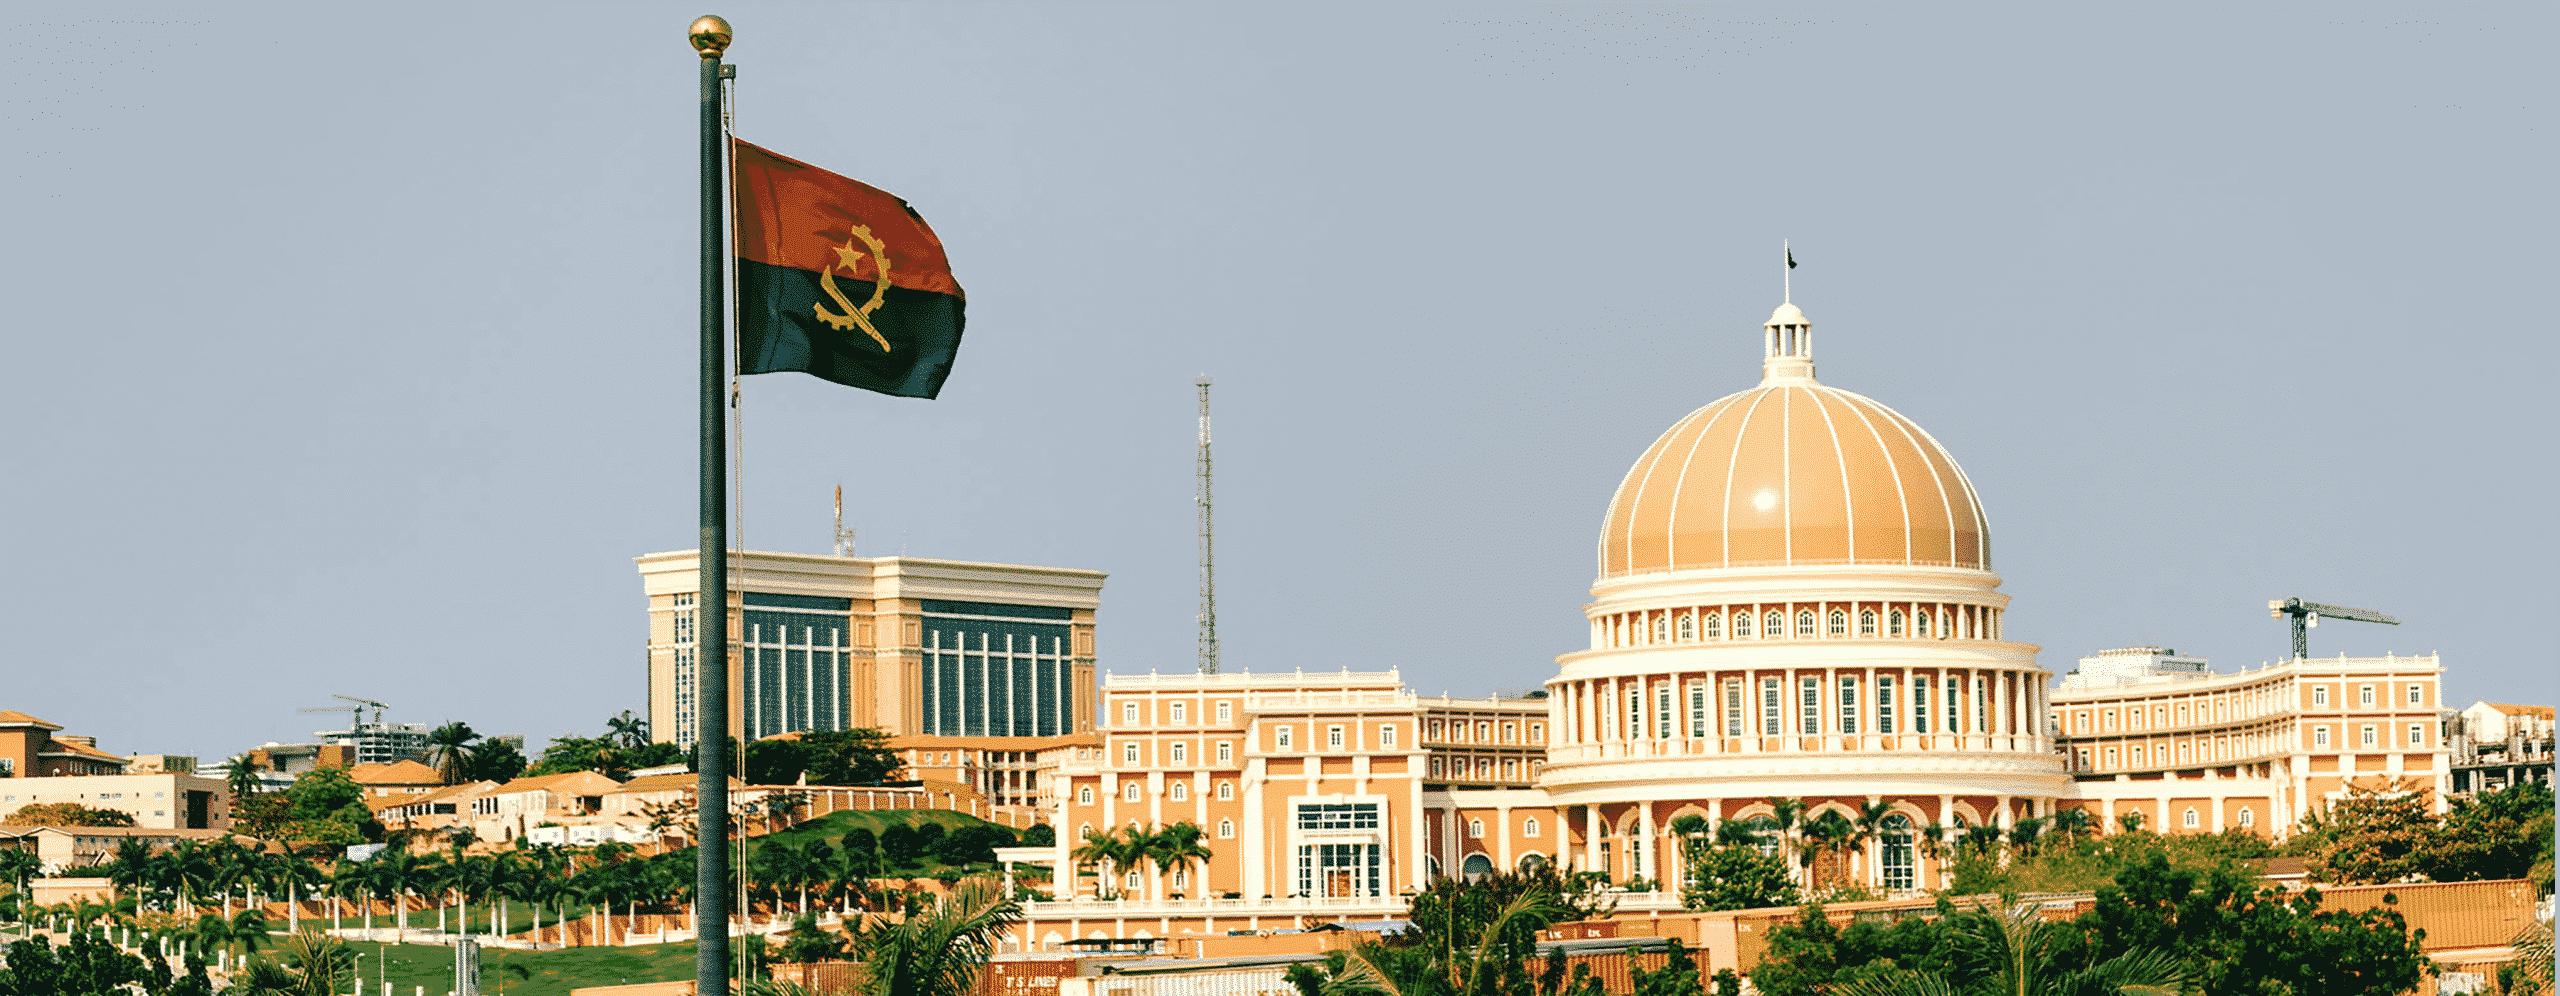 Universidade Católica e Sonangalp são os mais recentes clientes da SISQUAL na Angola